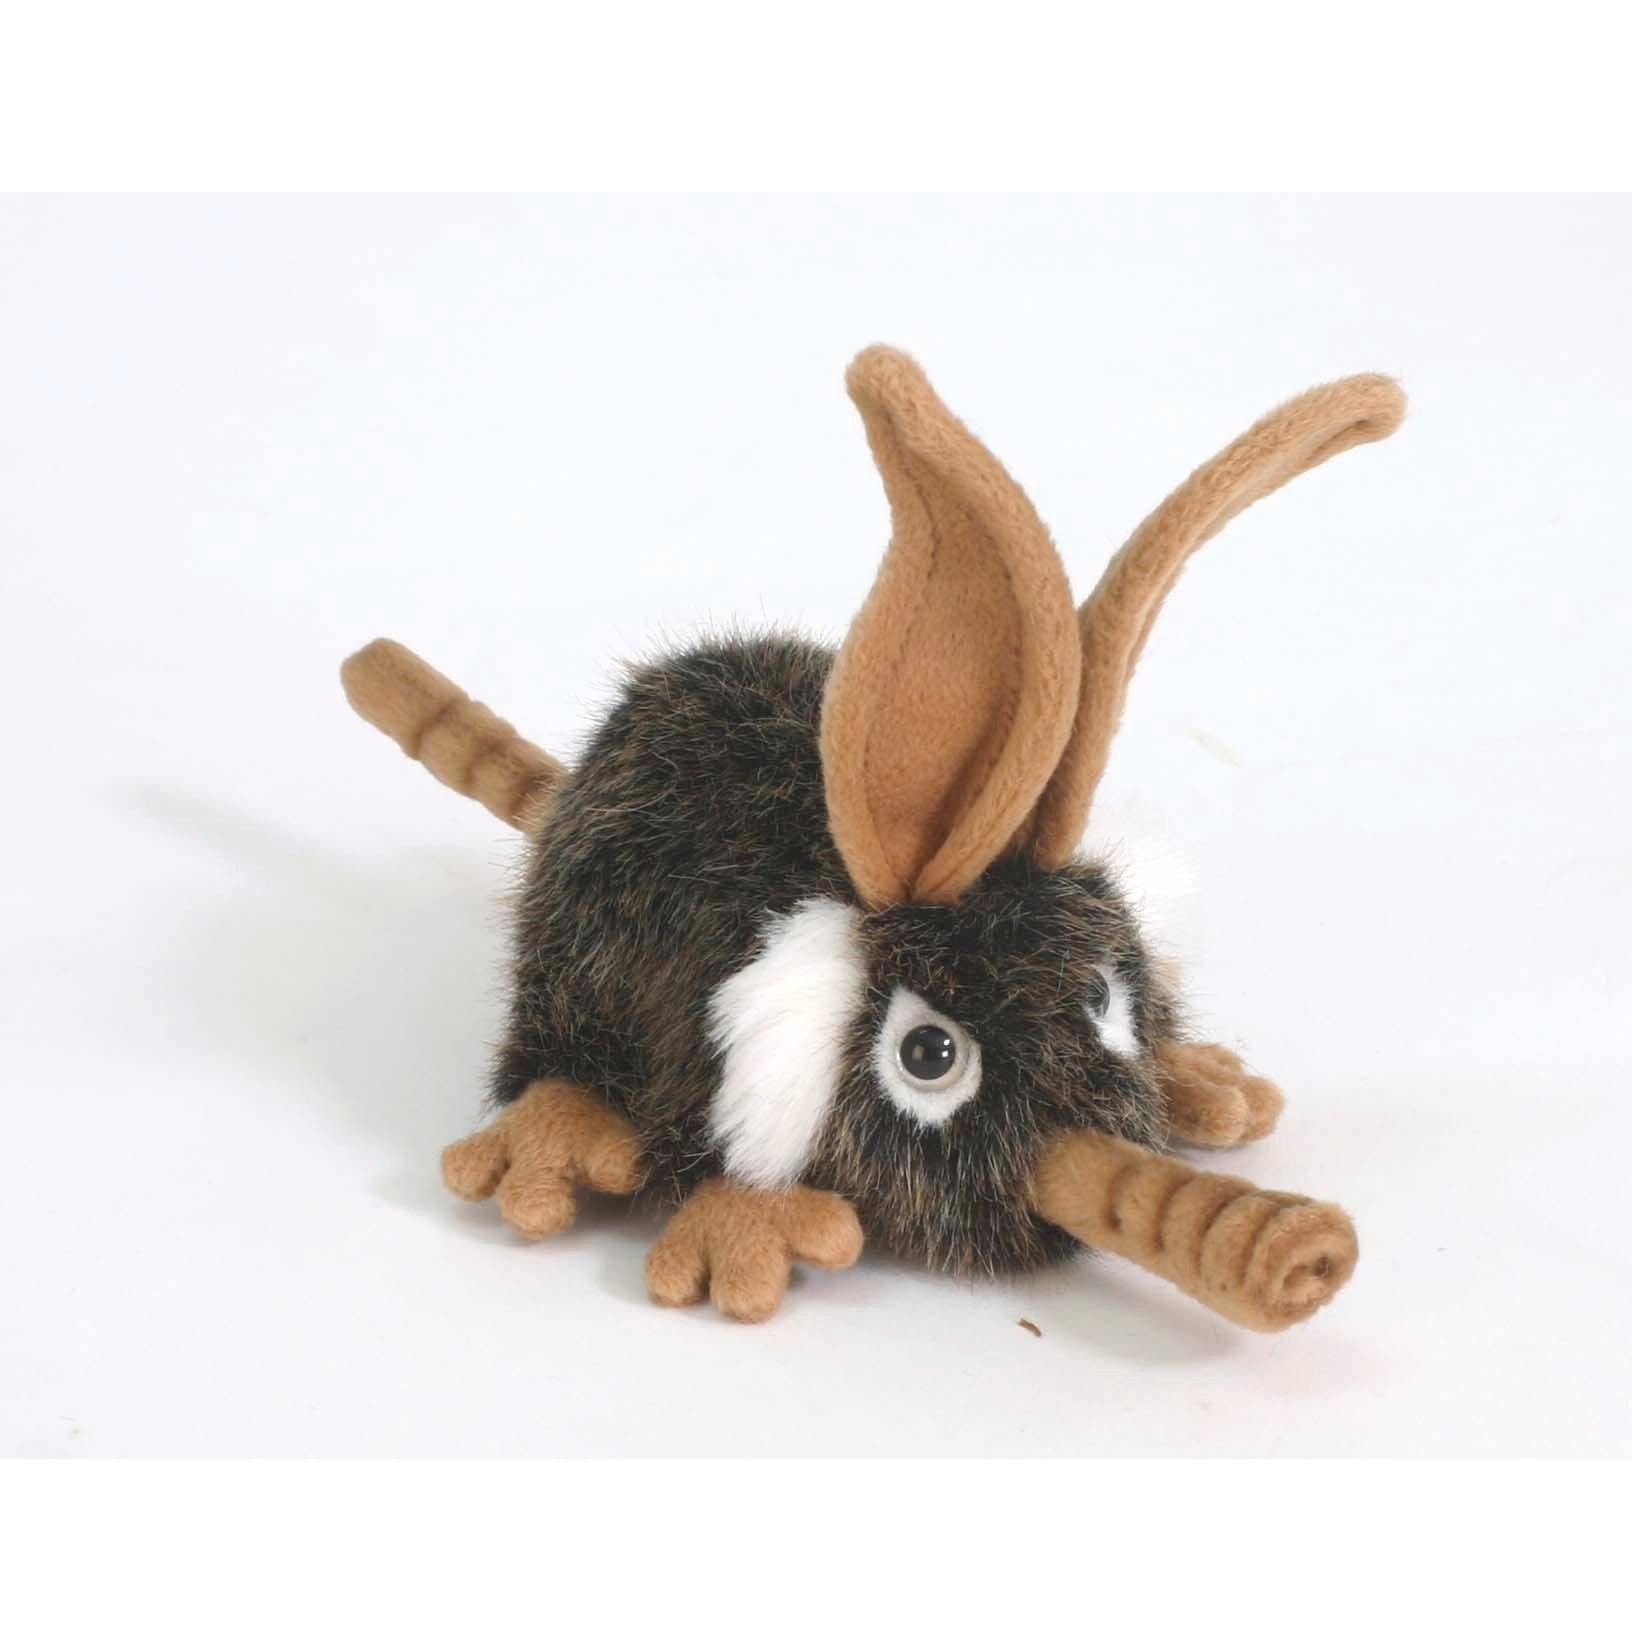 Купить Мягкая игрушка - Лесной тролль, 15 см., Hansa